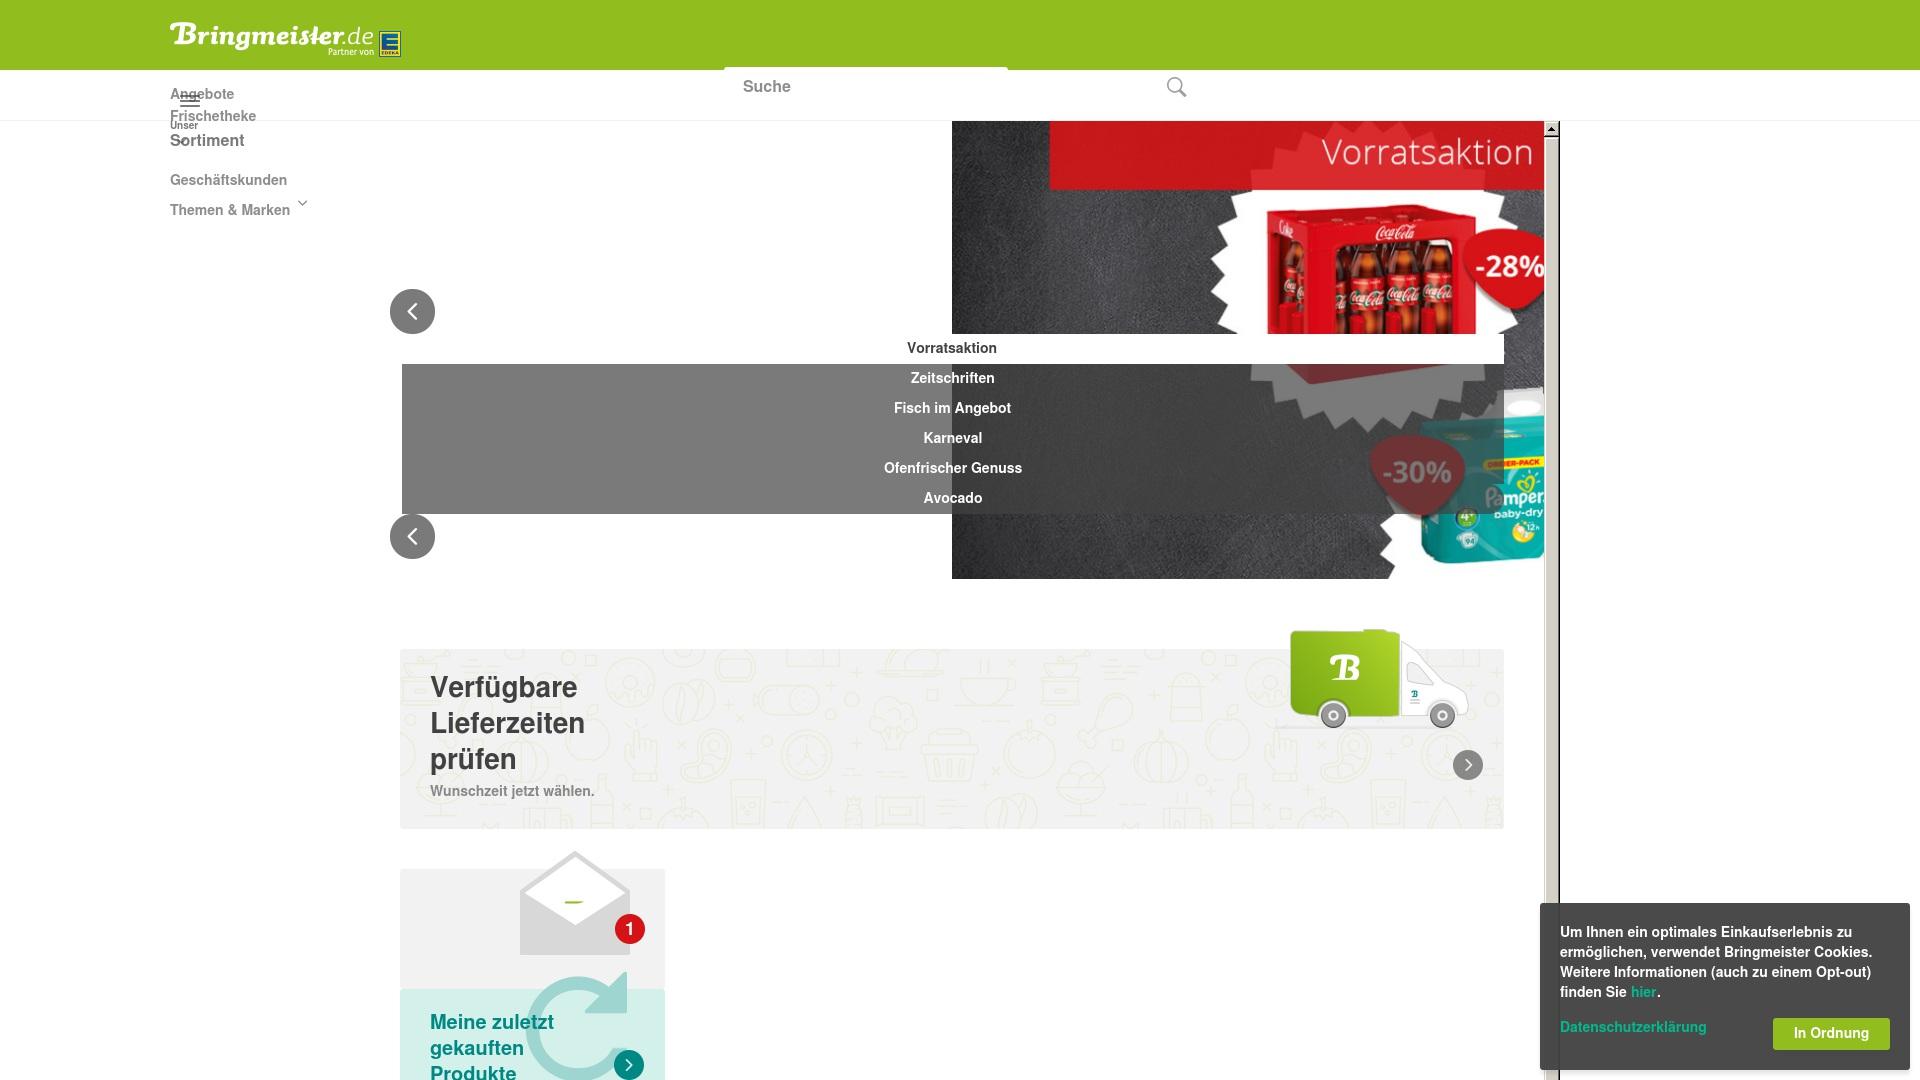 Gutschein für Bringmeister: Rabatte für  Bringmeister sichern